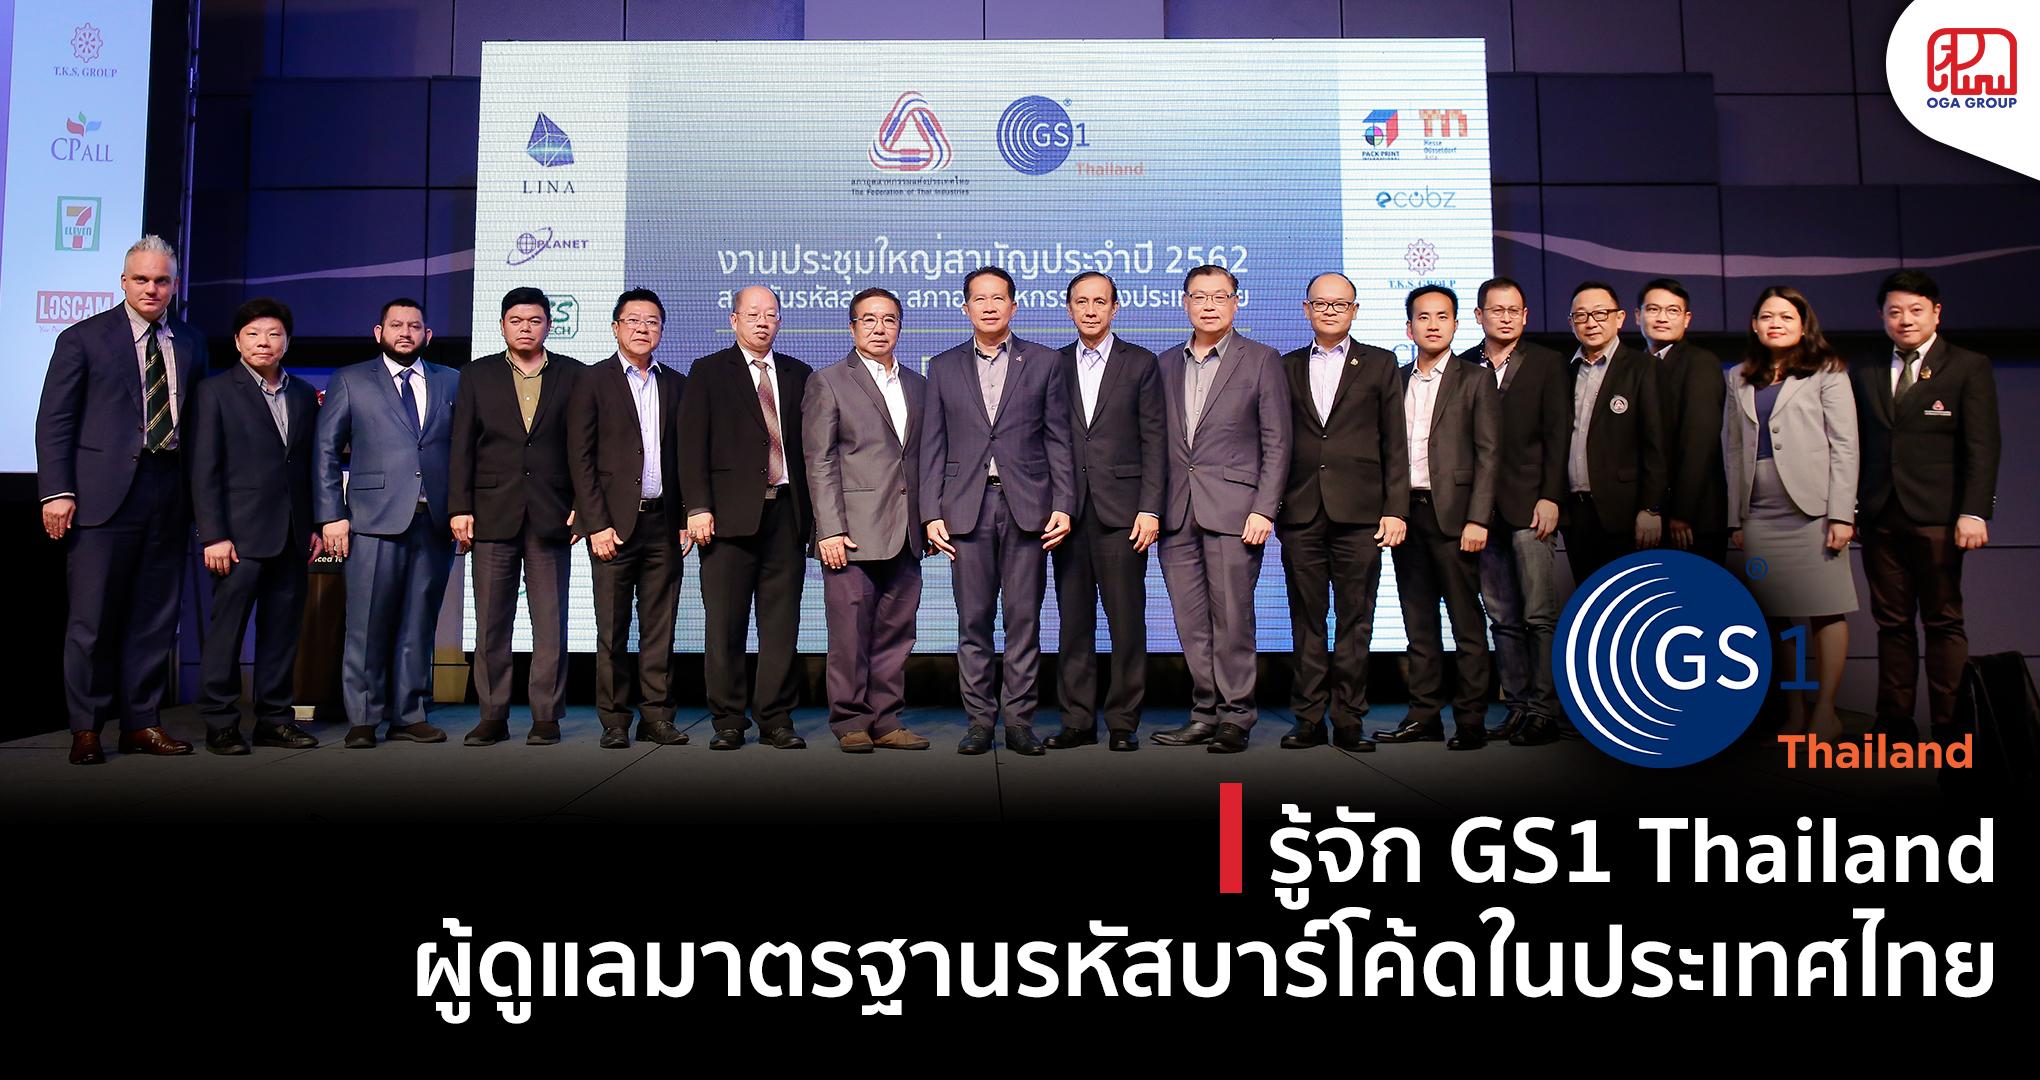 รู้จัก GS1 Thailand ผู้ดูแลมาตรฐานบาร์โค้ดในประเทศไทย